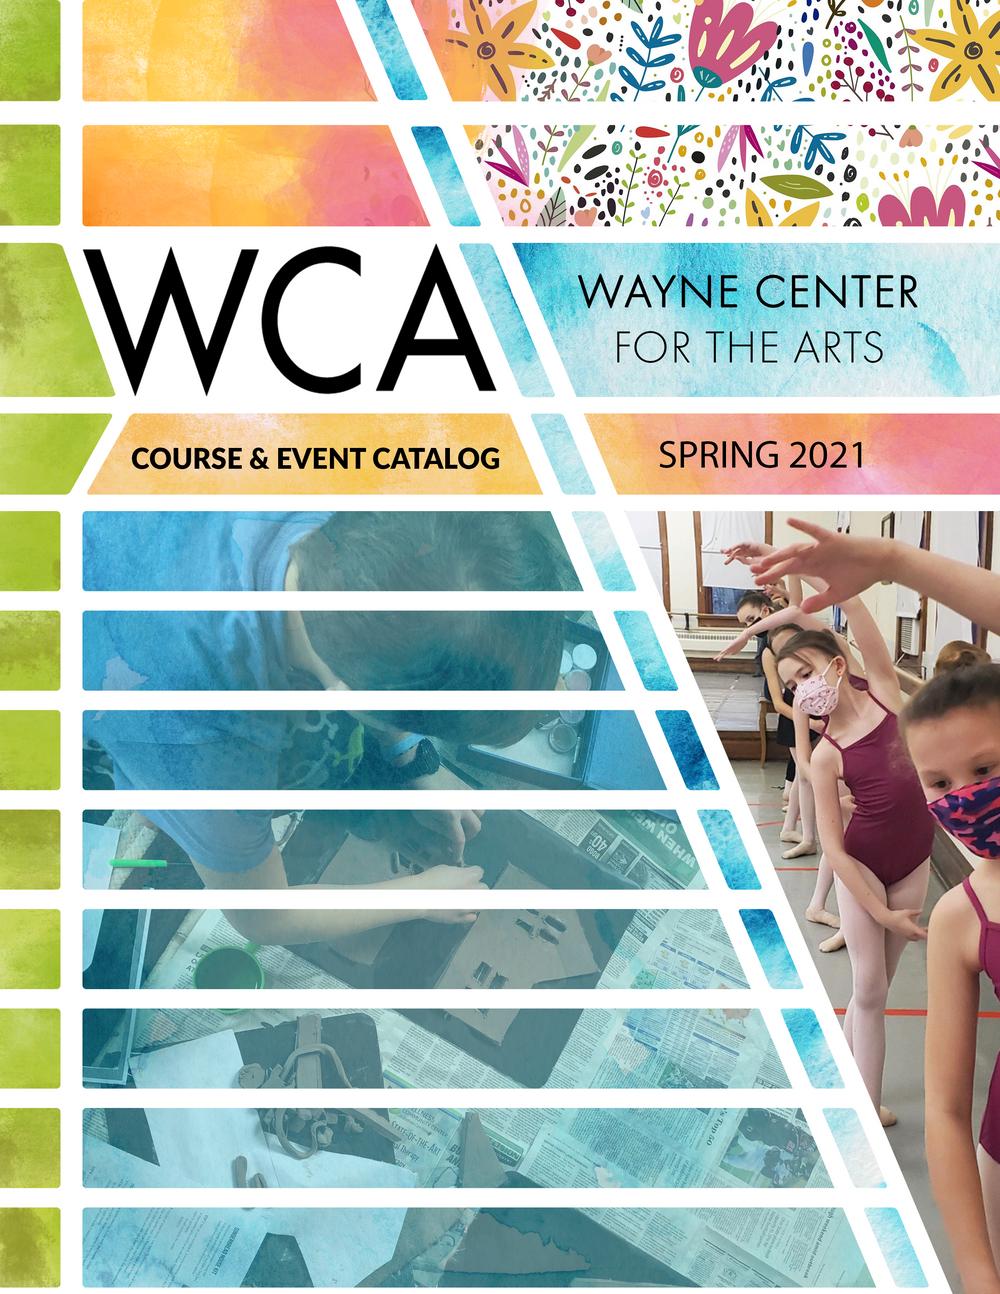 WCA 2021 Spring Course & Event Catalog